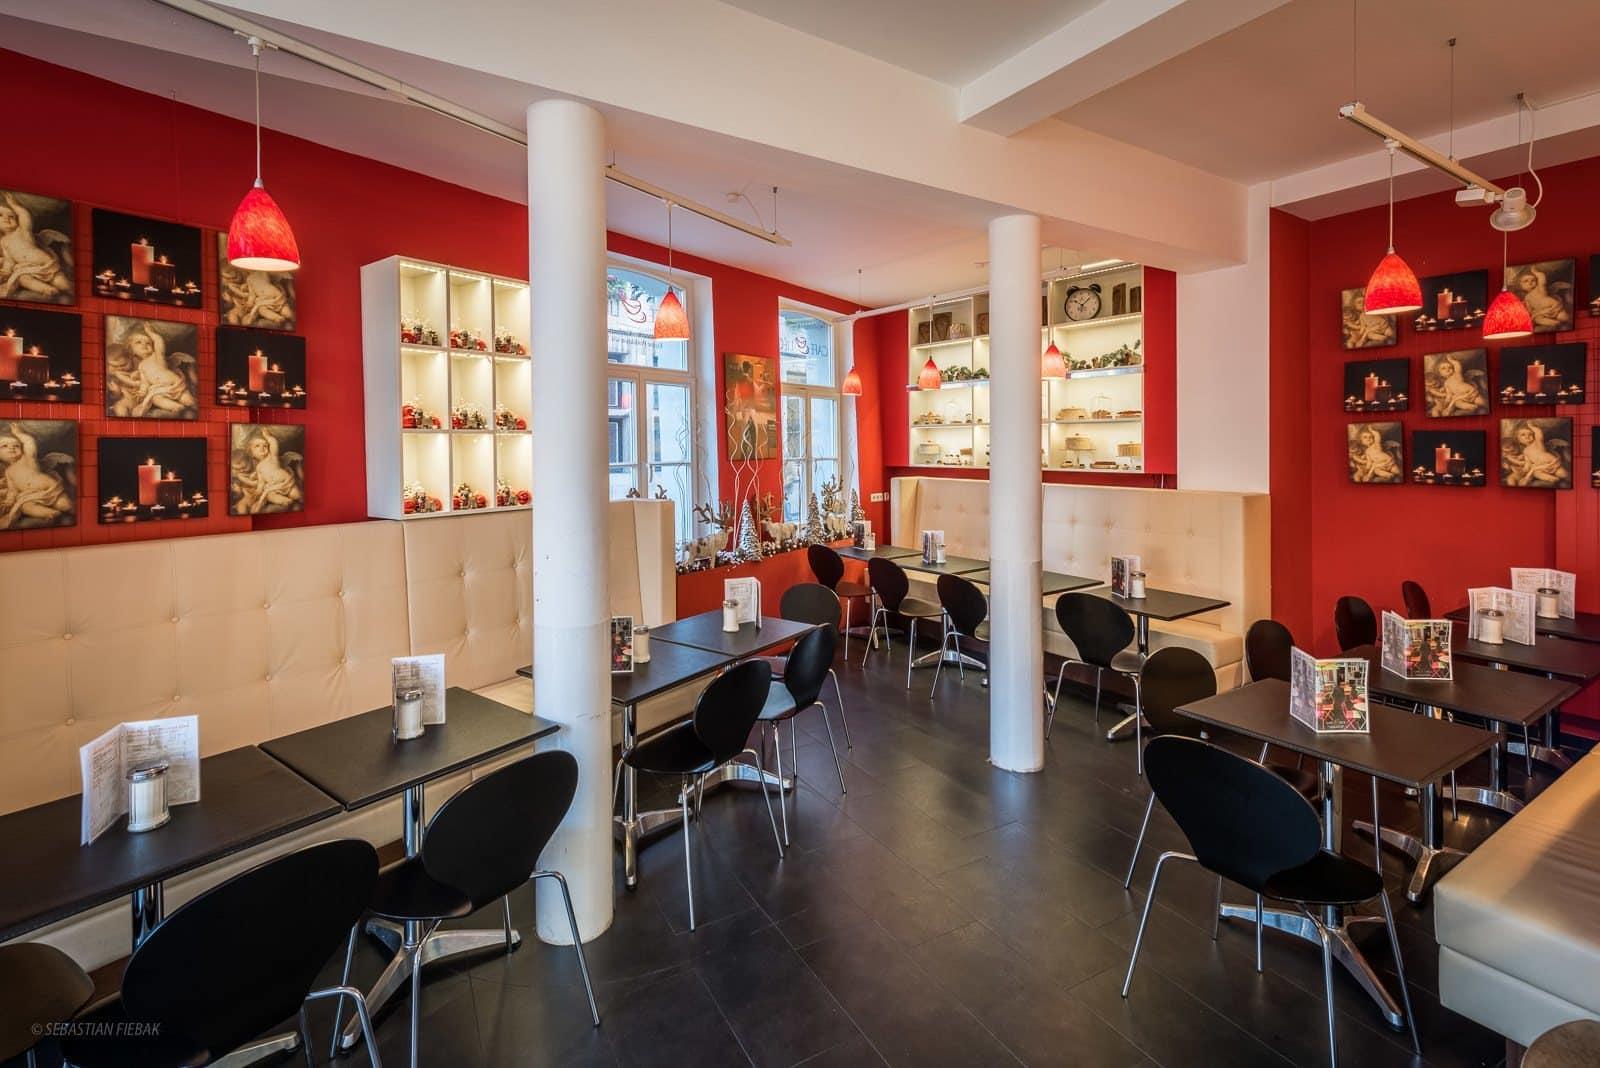 cafe liege aachen google street view 11